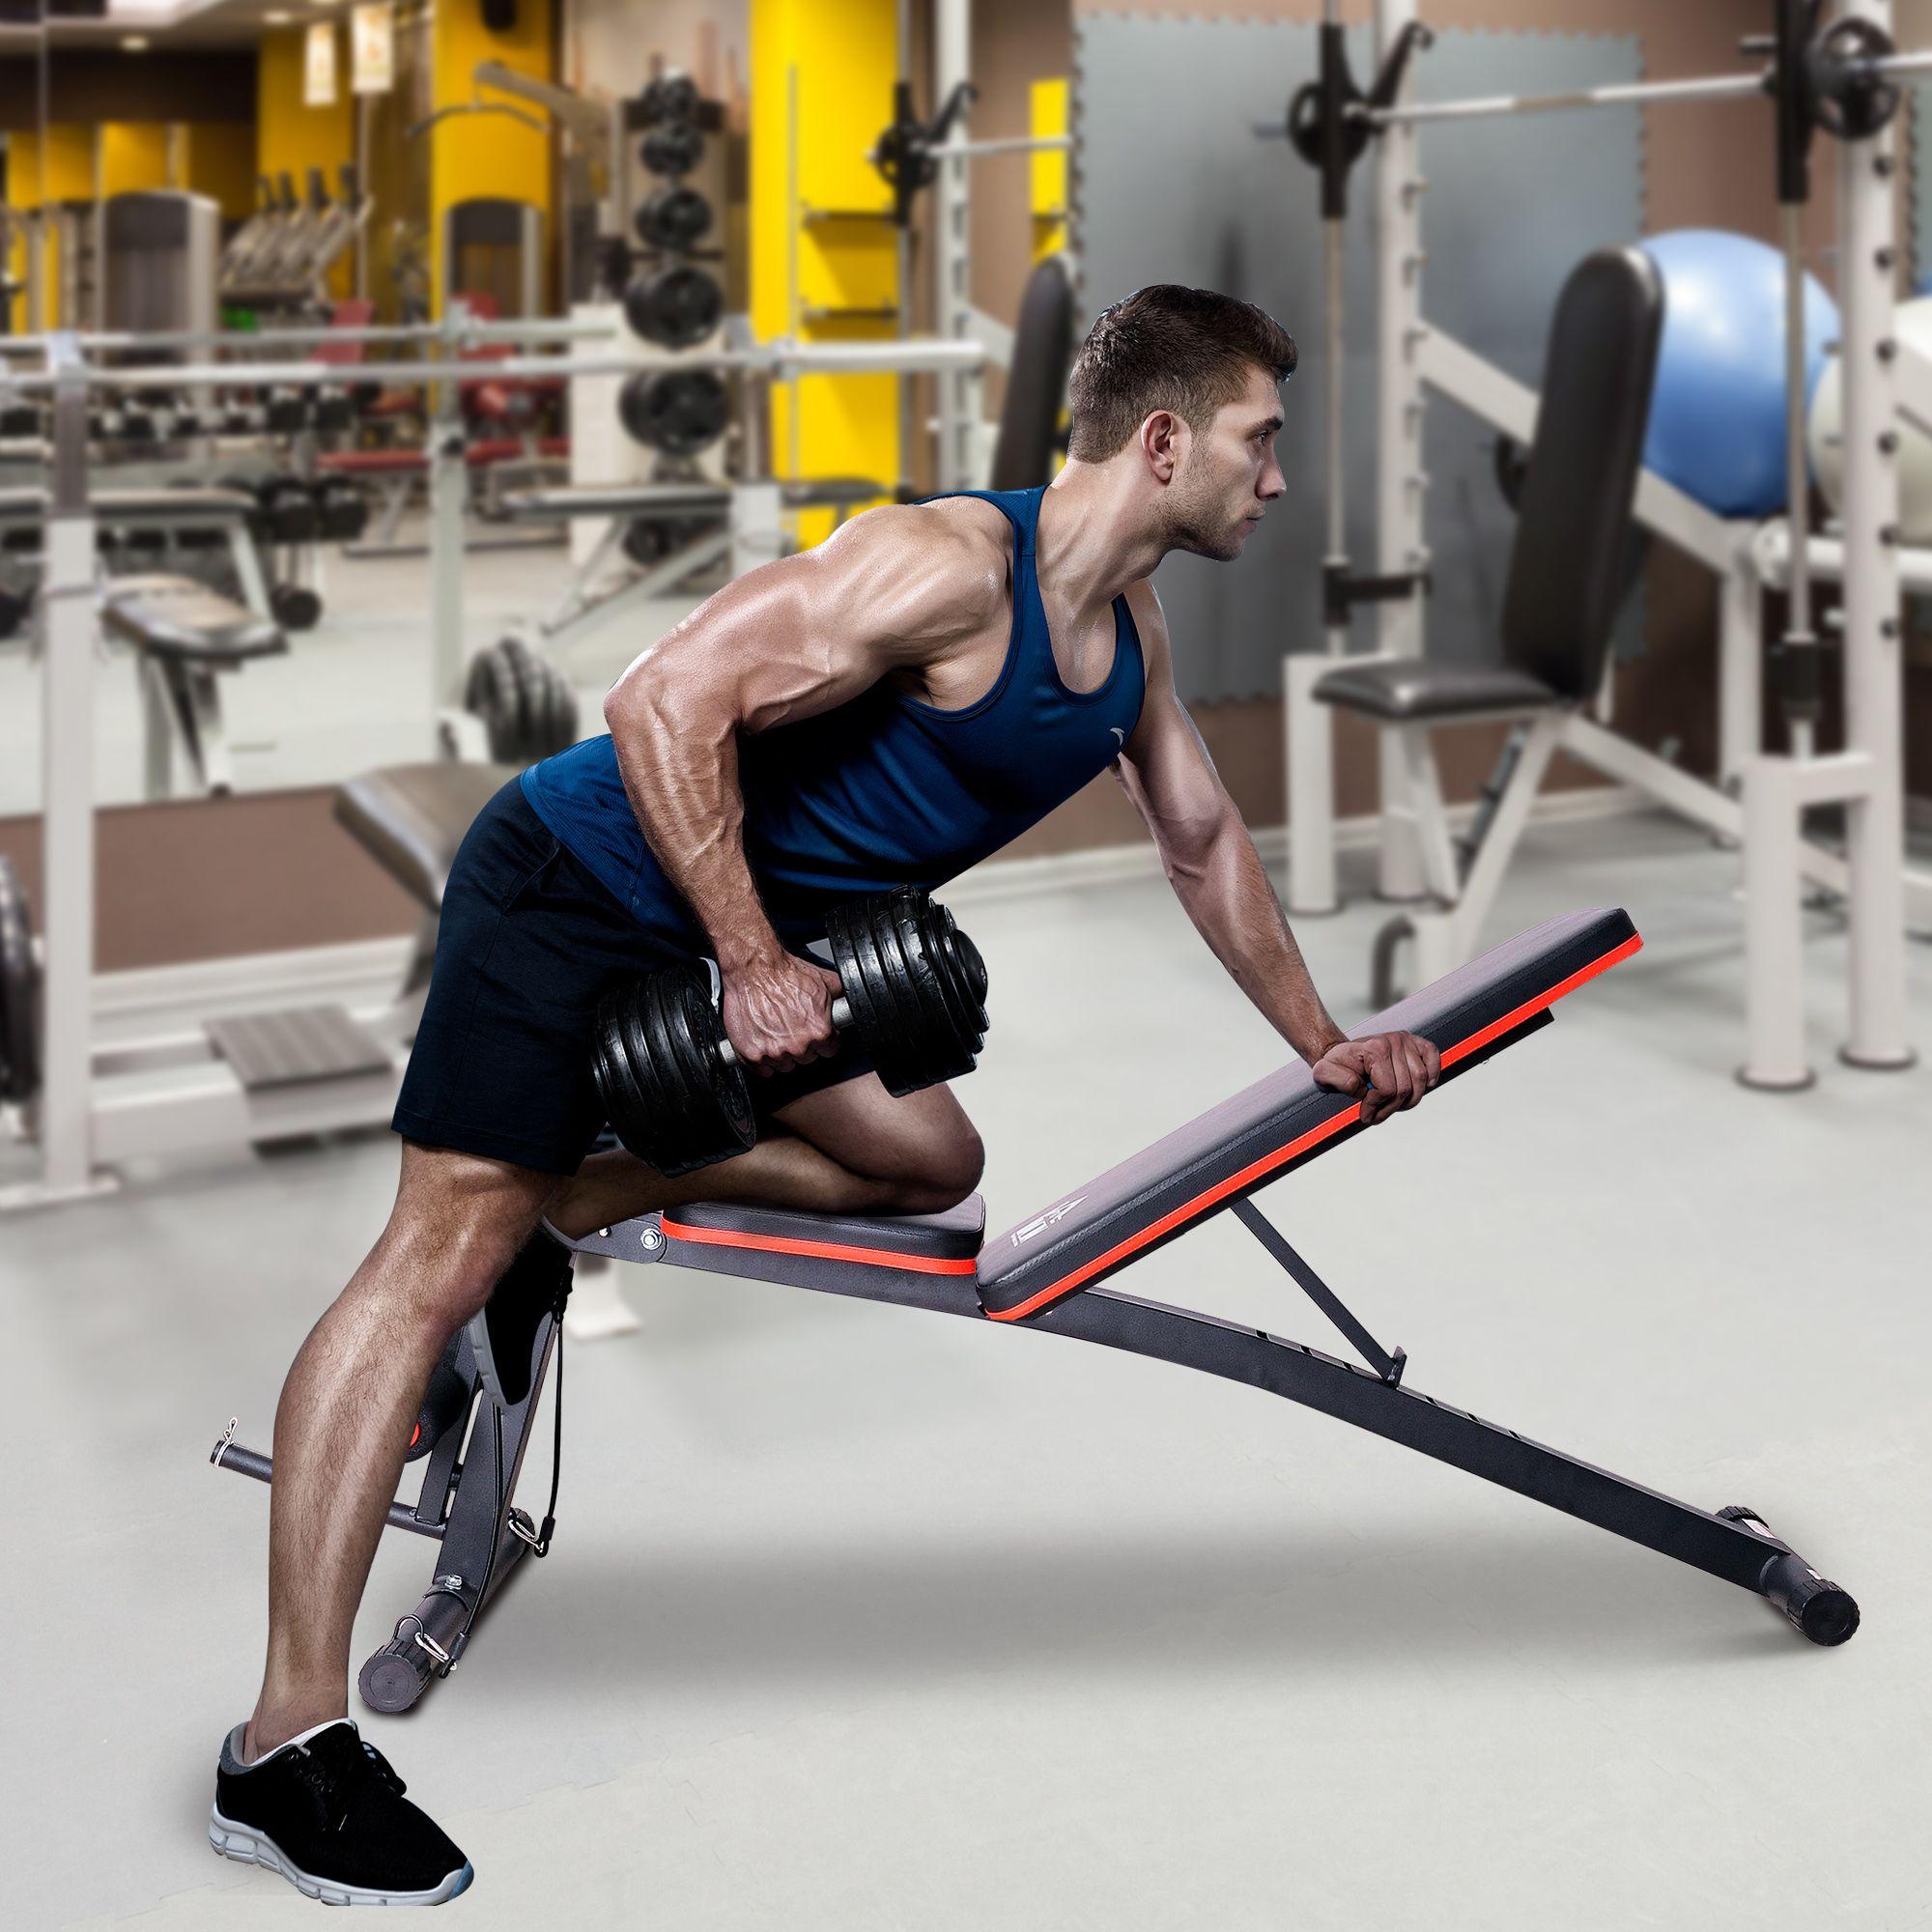 Jolitec® Banco de Mancuerna Plegable Máquina Musculación Multifuncional